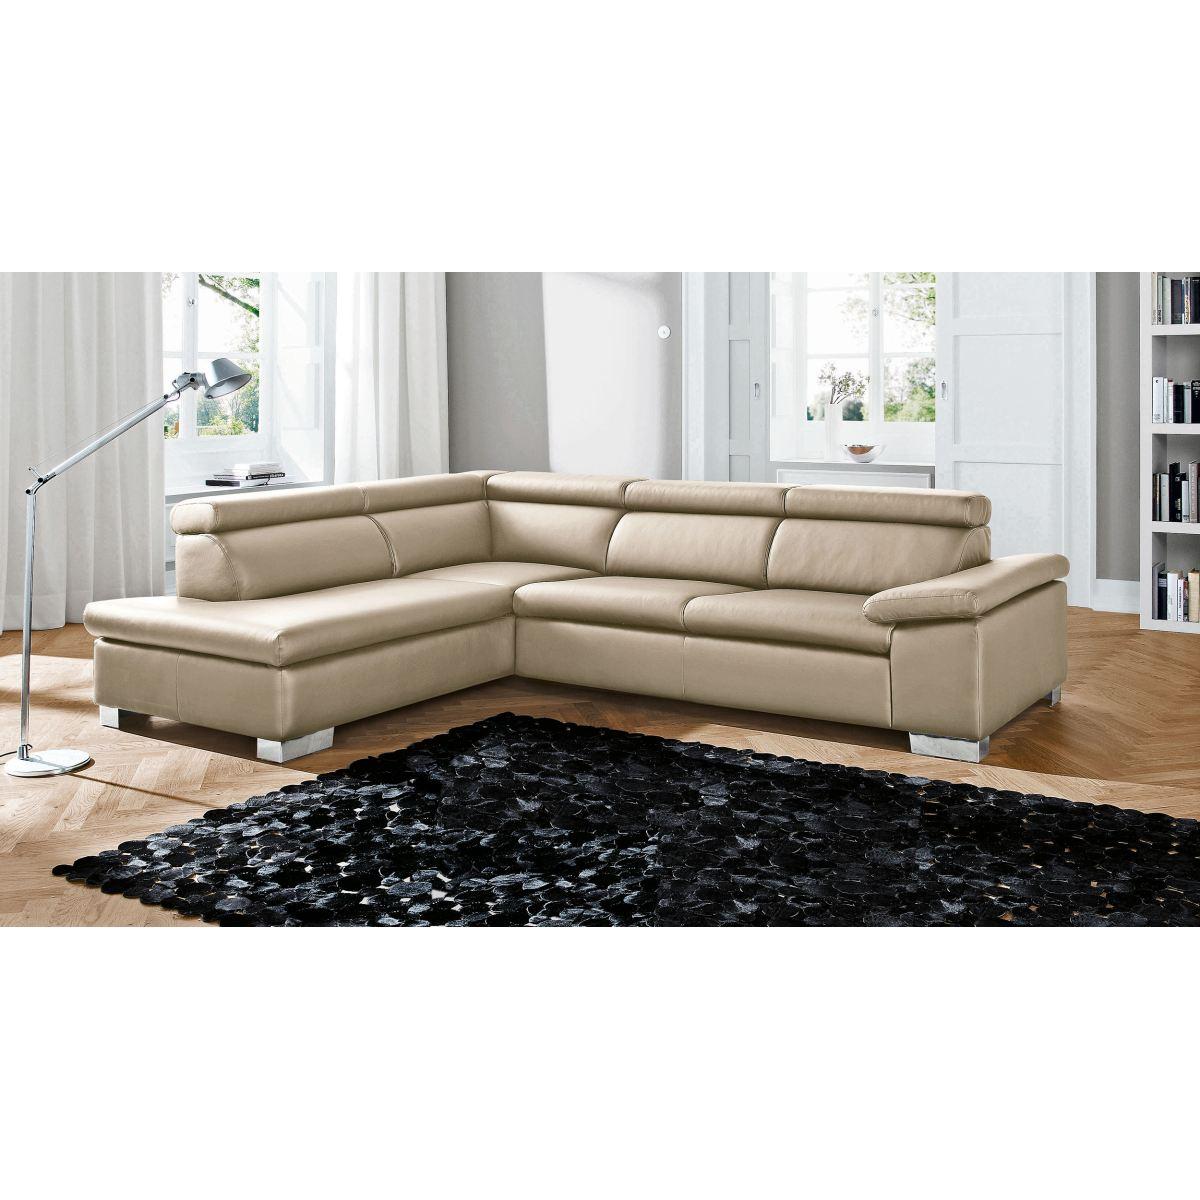 Rundecke sofa fabulous zu den zartikeln sofas with for Ecksofa rund